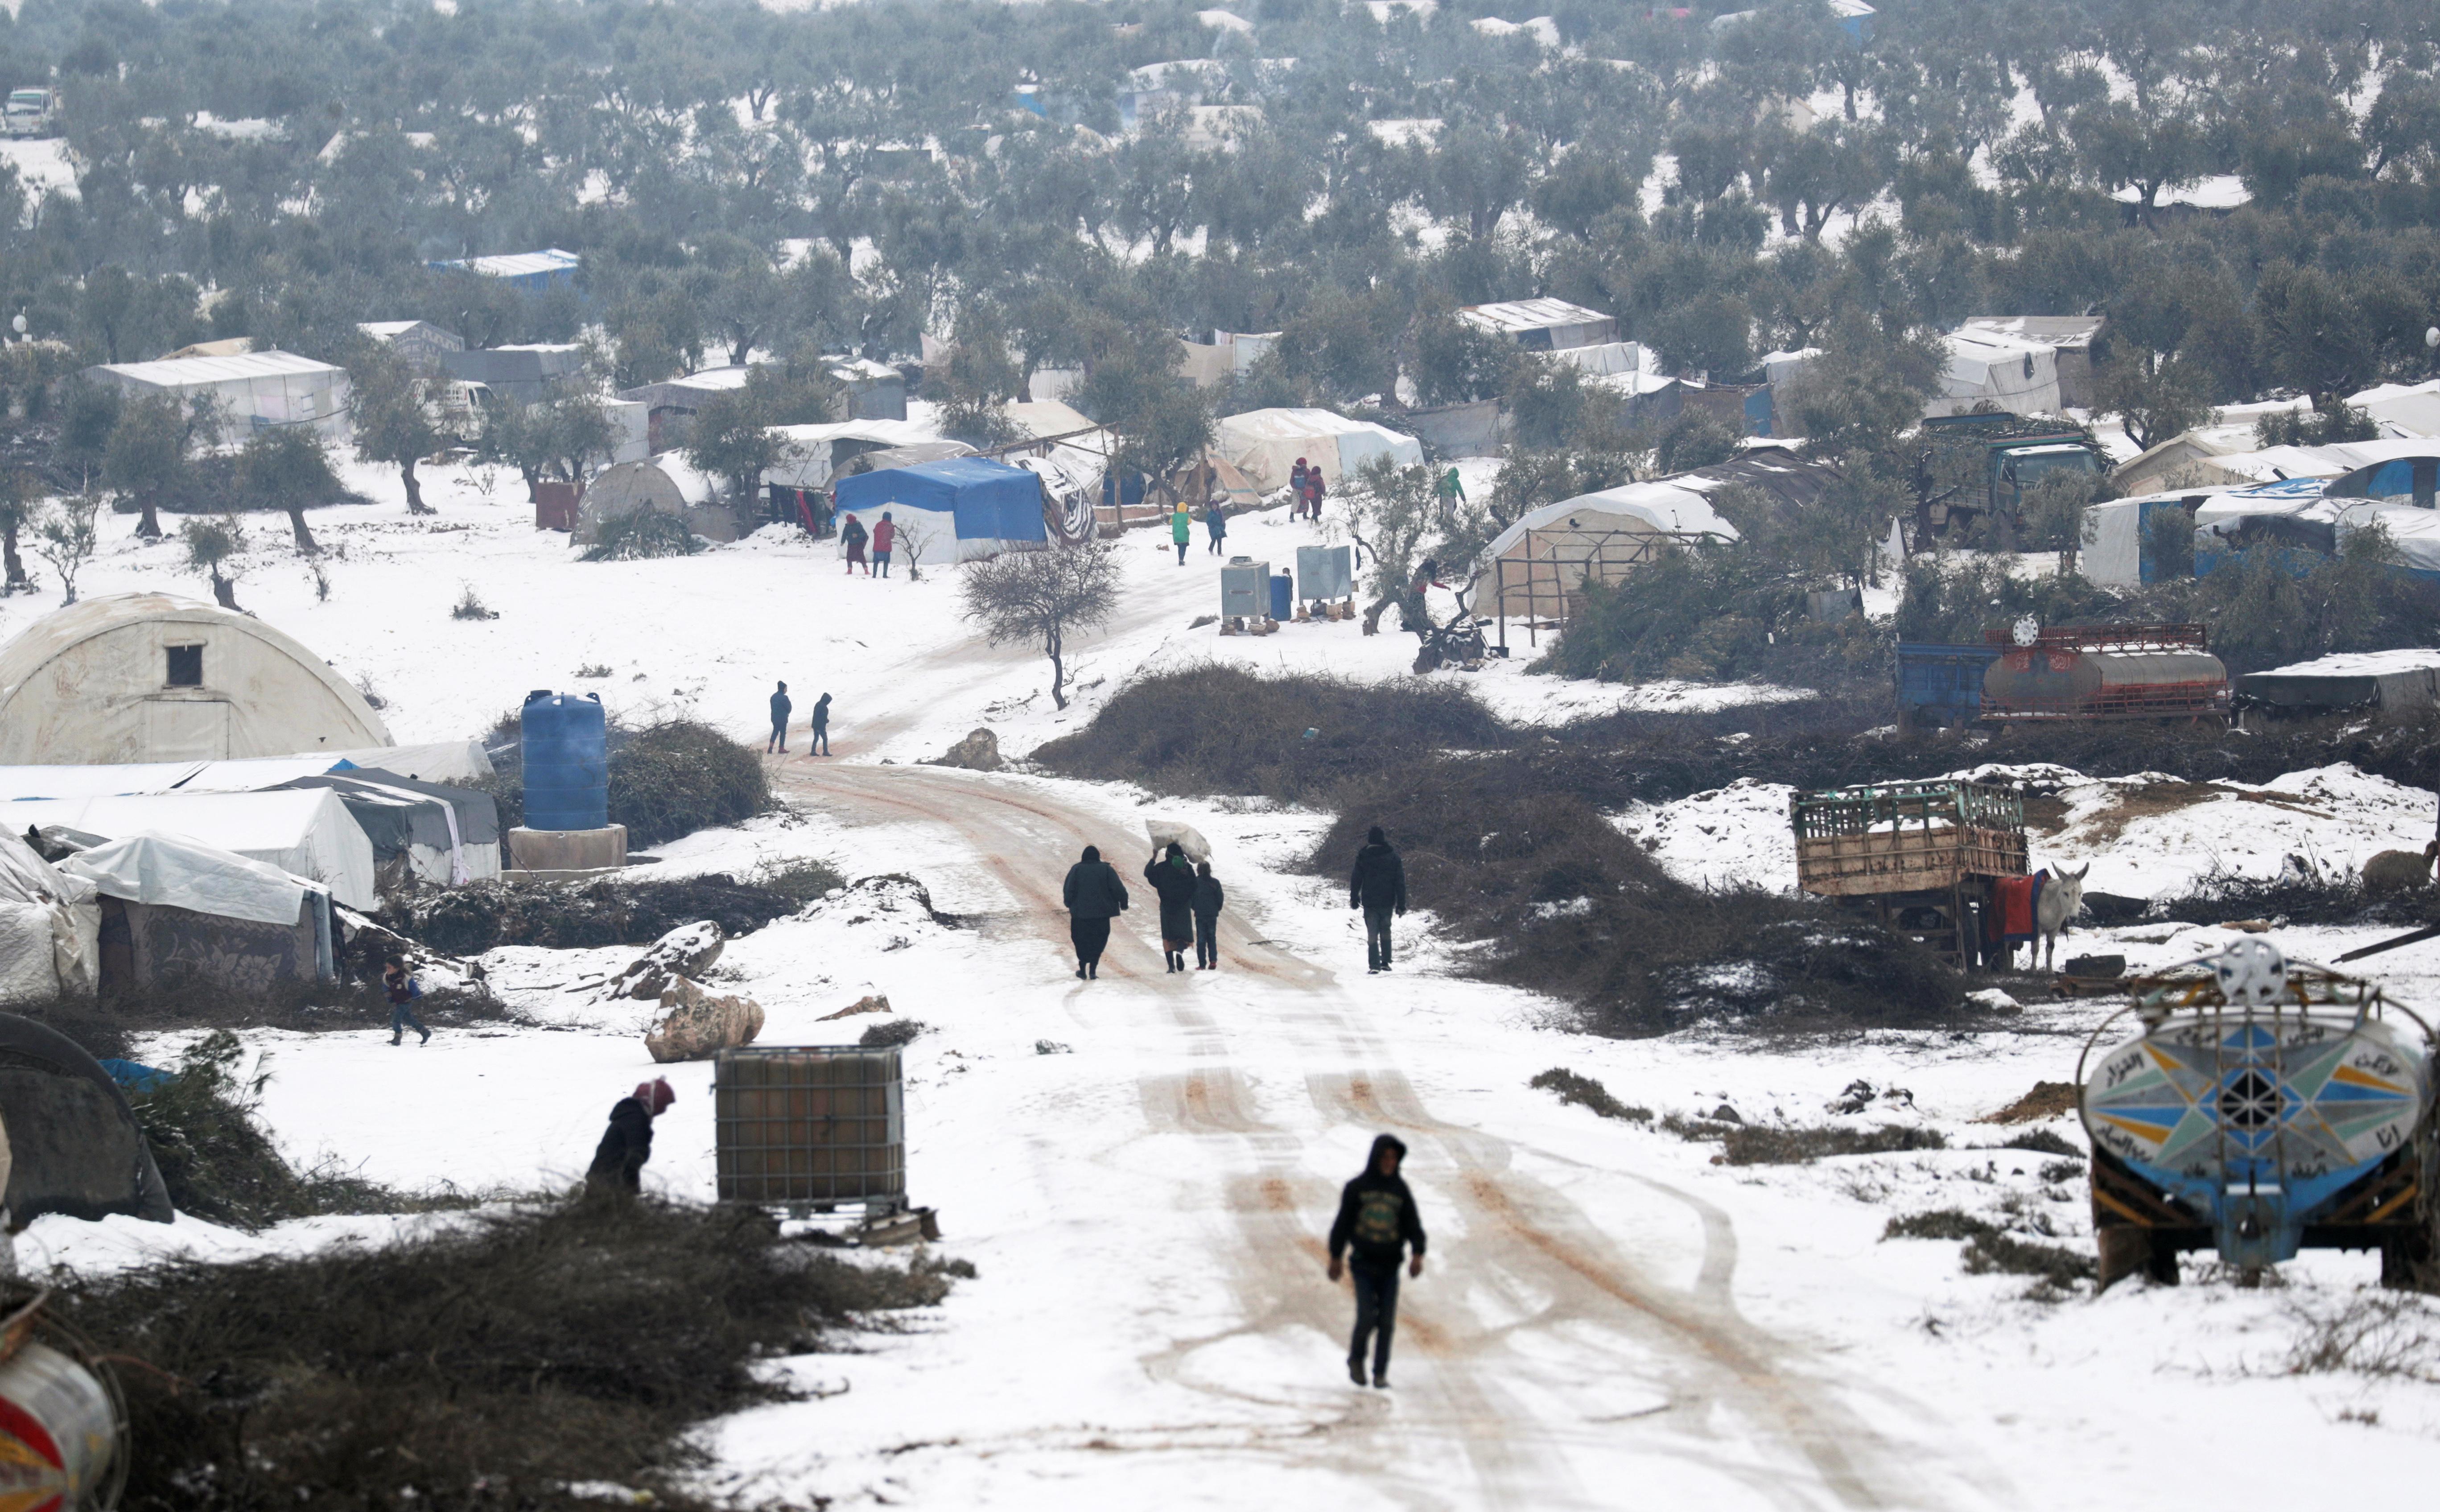 La situación en los campos es precaria y se calcula que hacen falta 335 millones de dólares para poder prestar asistencia a los desplazados